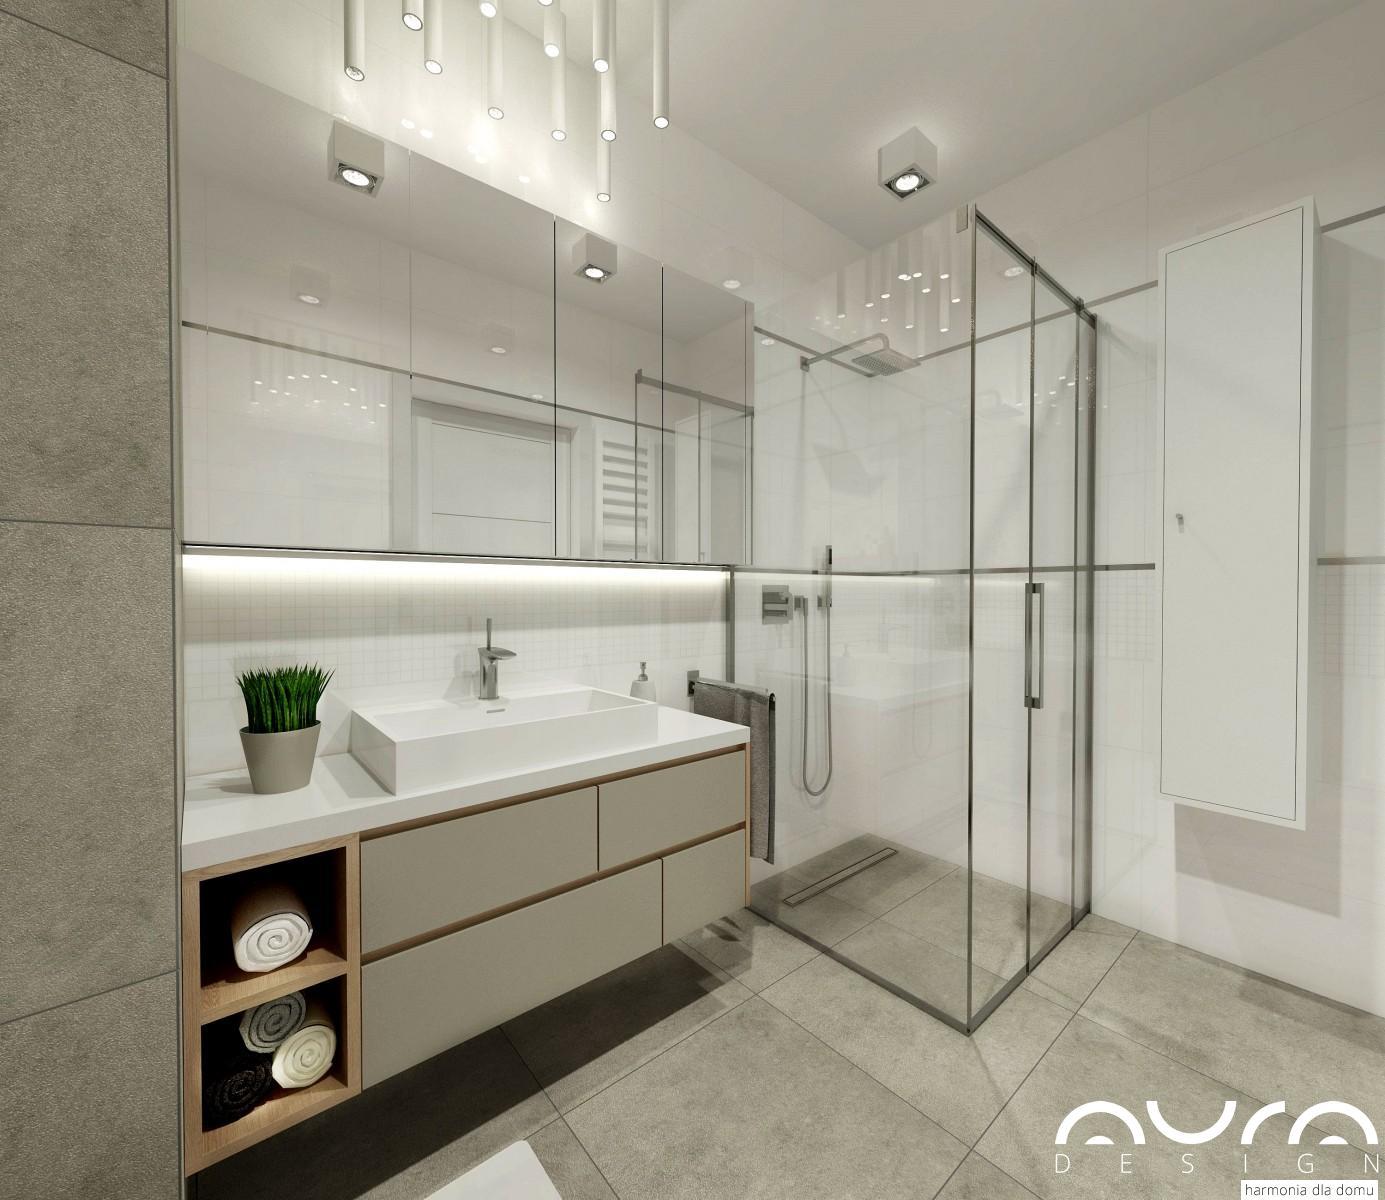 łazienka zaprojektowana przez Auradesign.pl